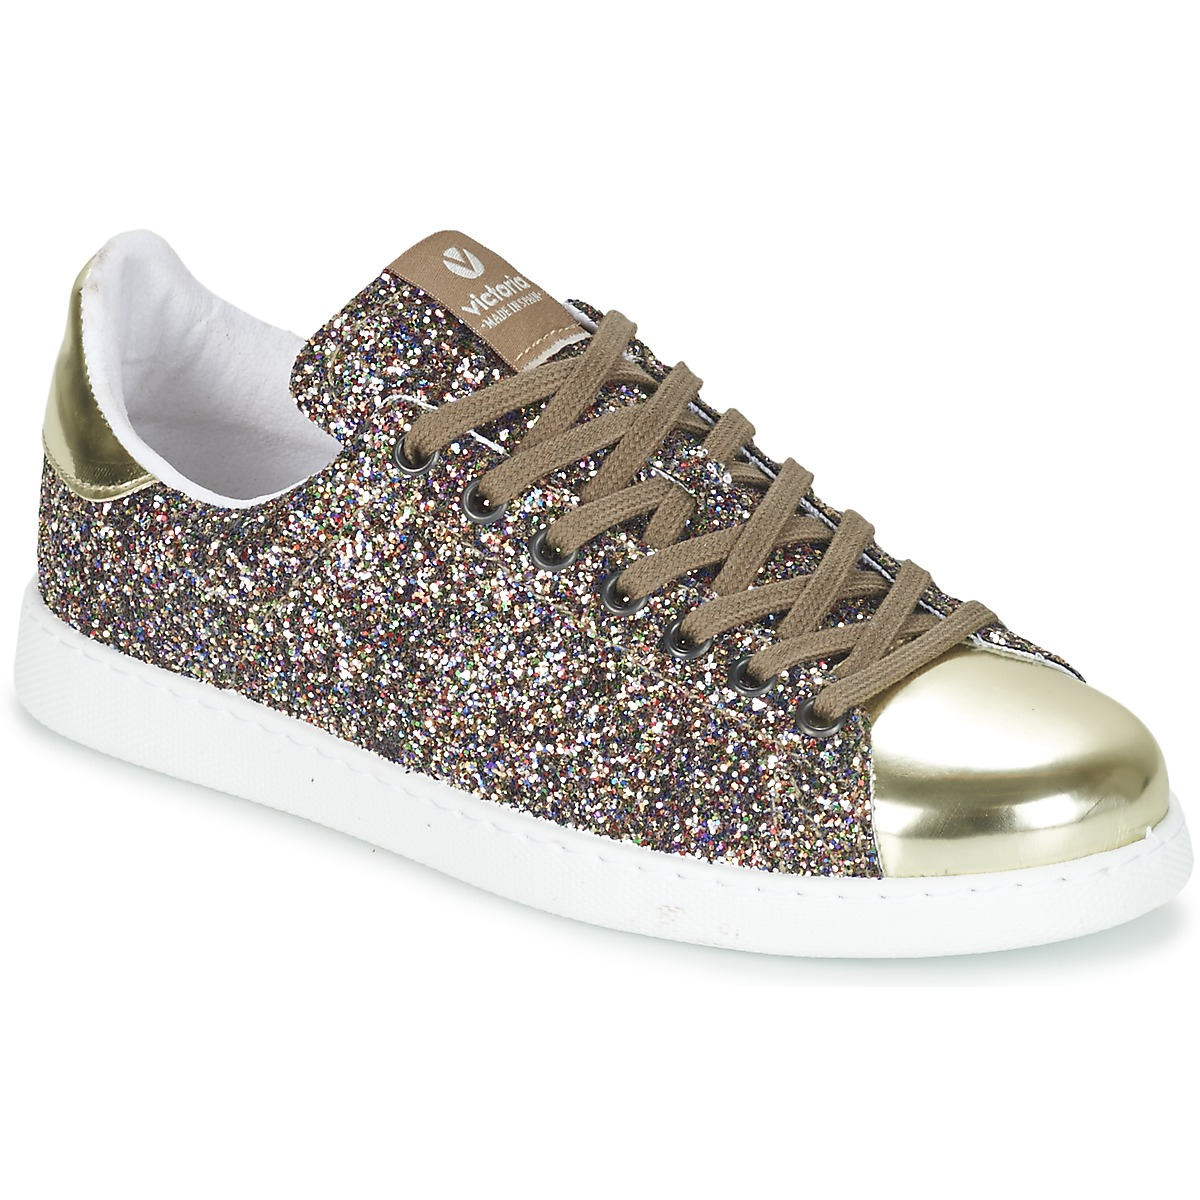 victoria deportivo basket glitter multicolore consegna gratuita con scarpe. Black Bedroom Furniture Sets. Home Design Ideas